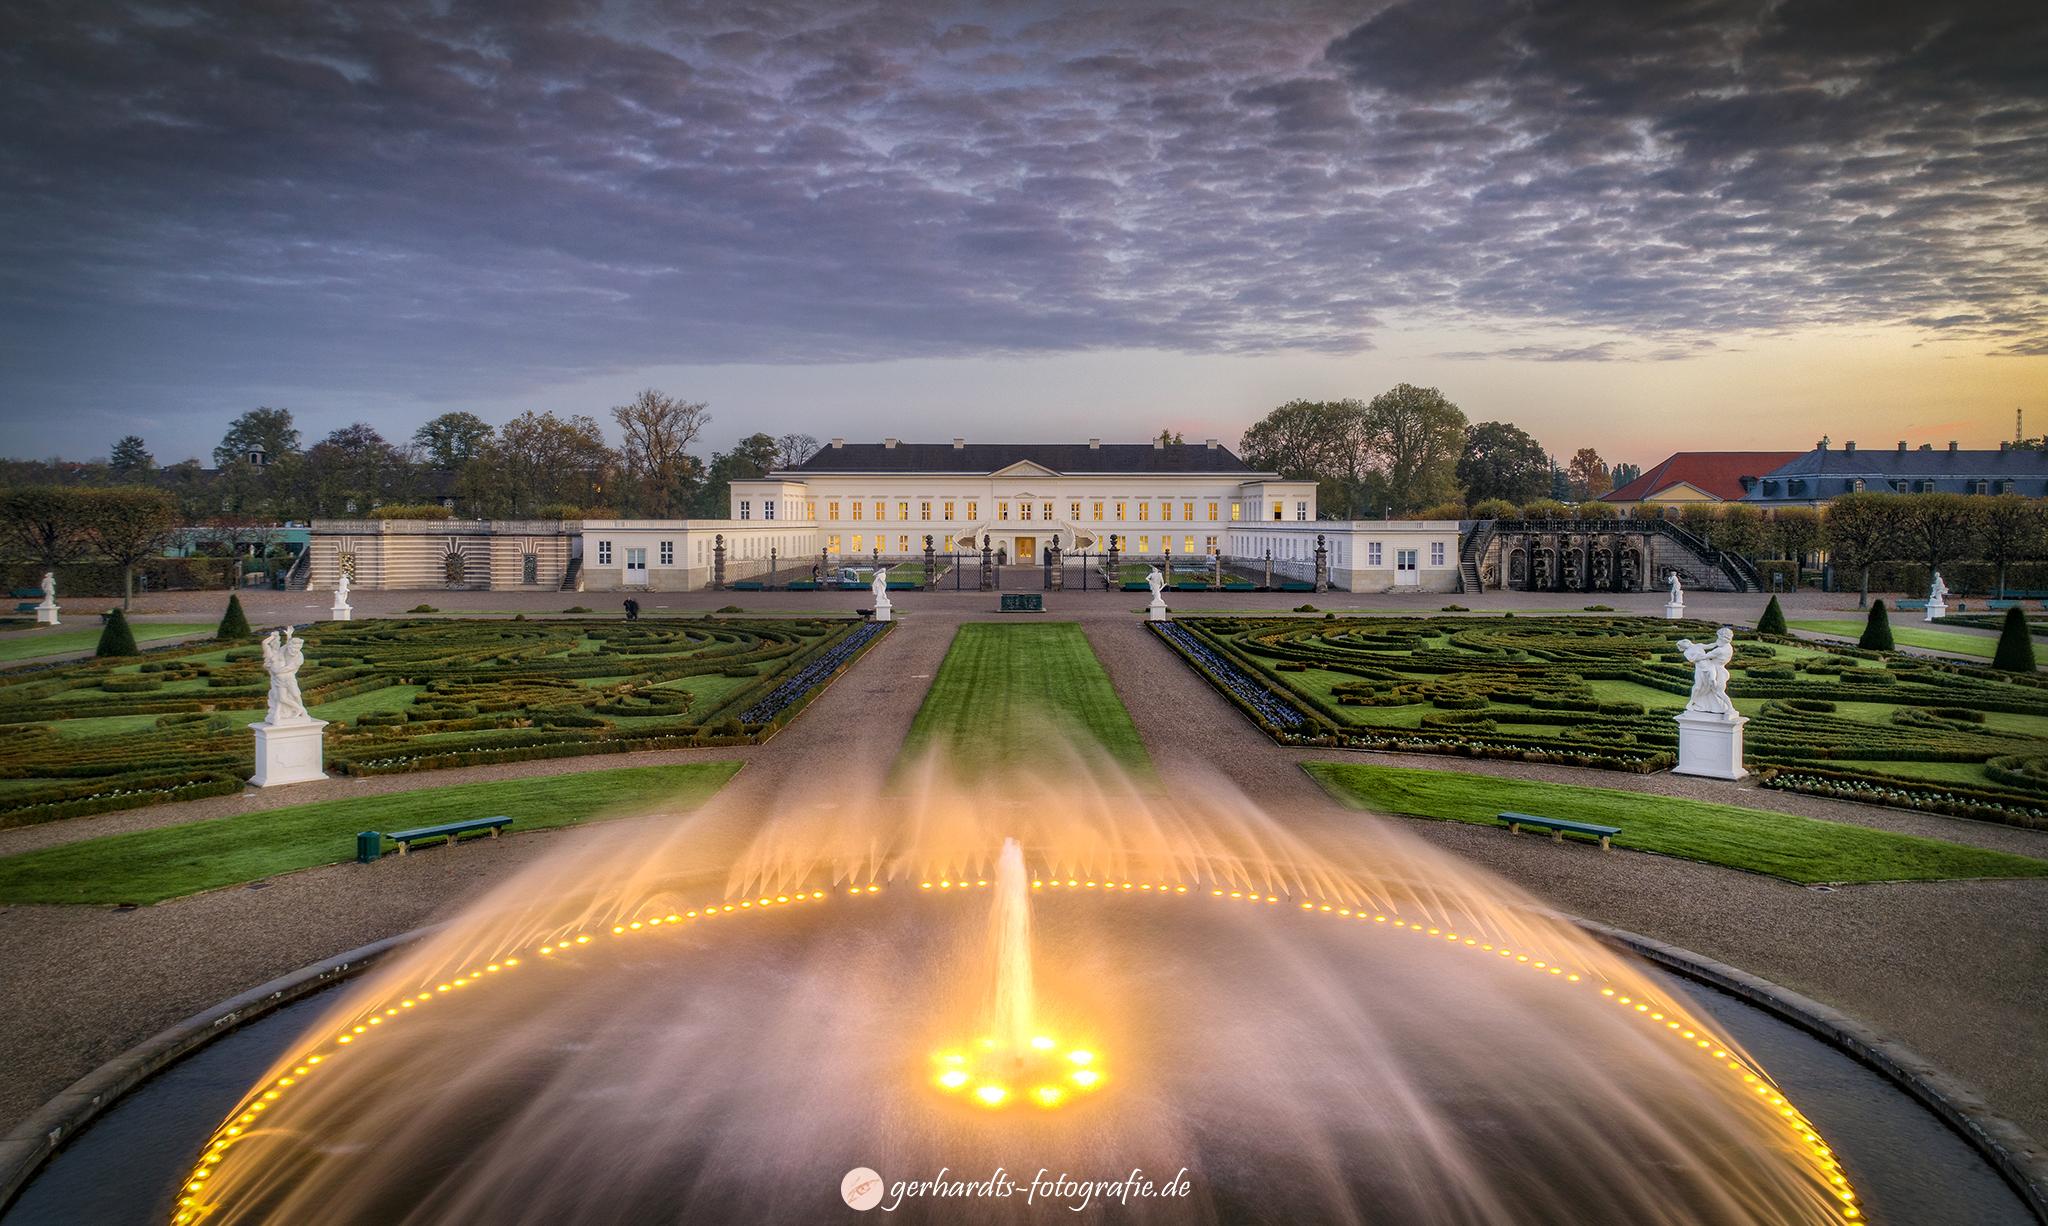 Luftaufnahme Herrenhäuser Gärten Hannover, Luftbilder Niedersachsen